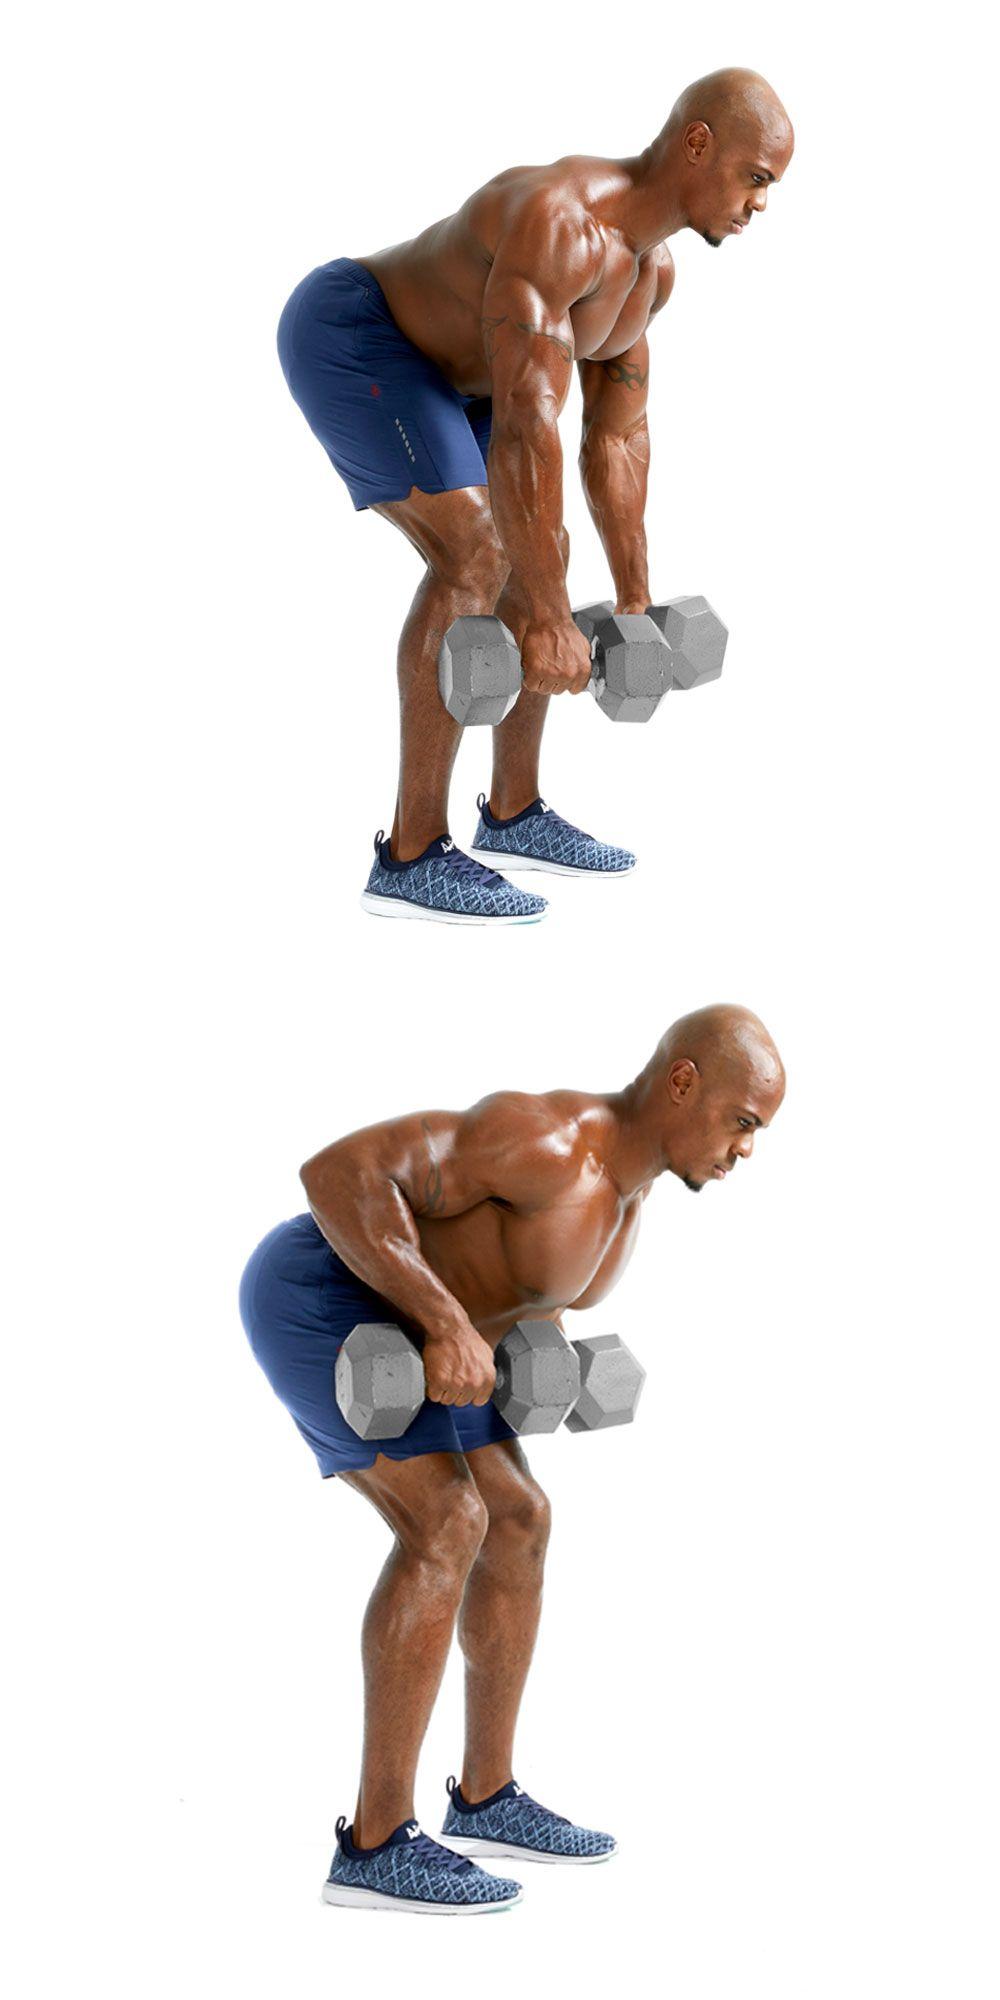 Pecho ejercicios para sin maquinas el